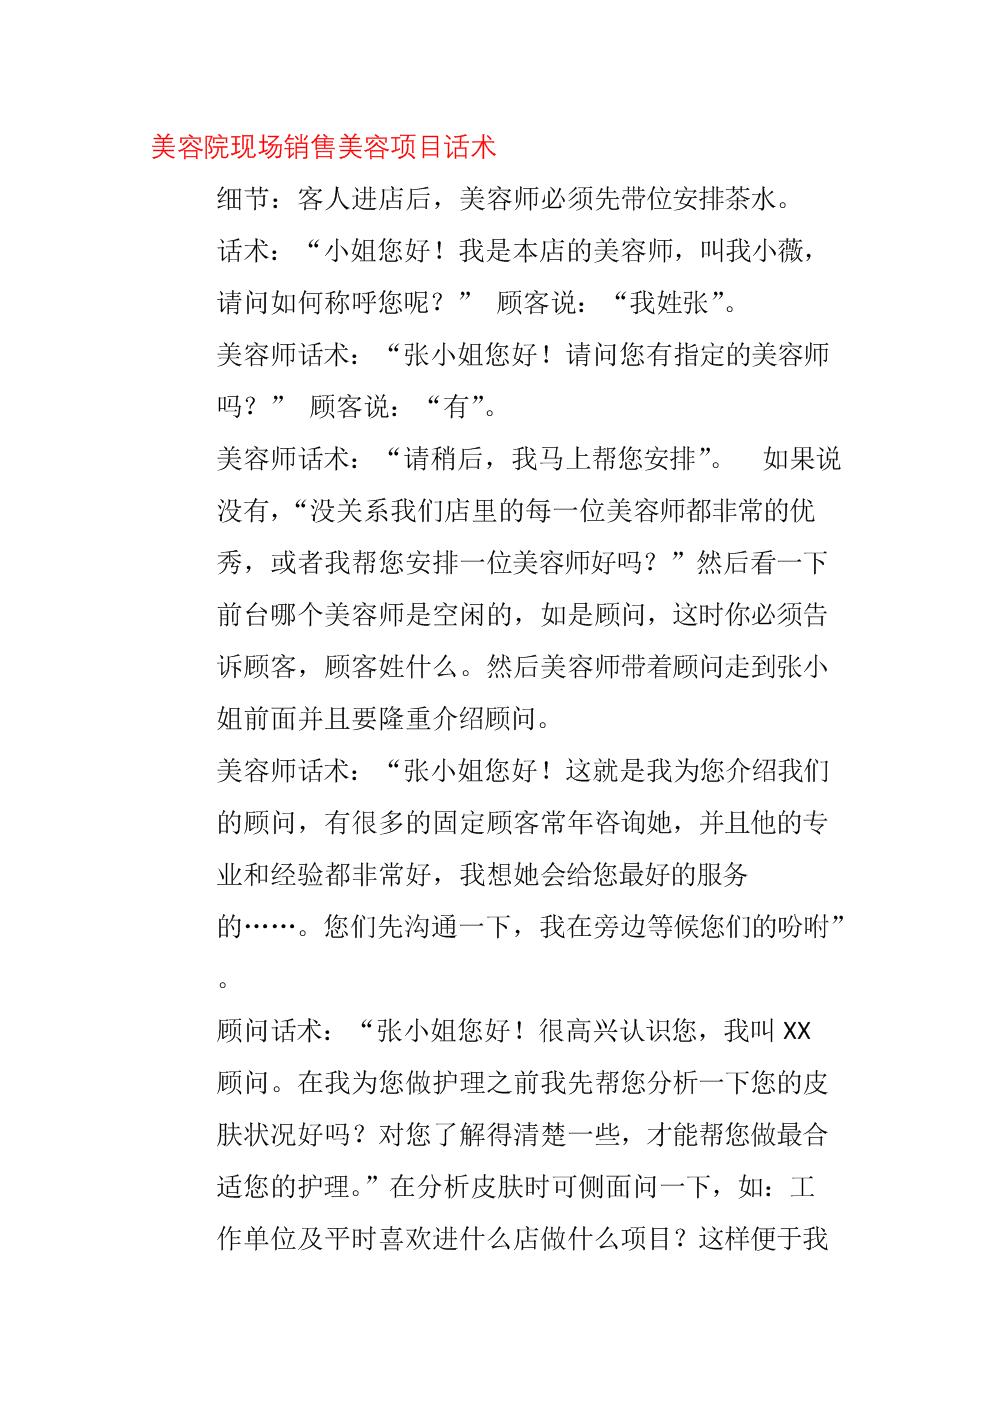 美容院现场销售美容项目话术.docx